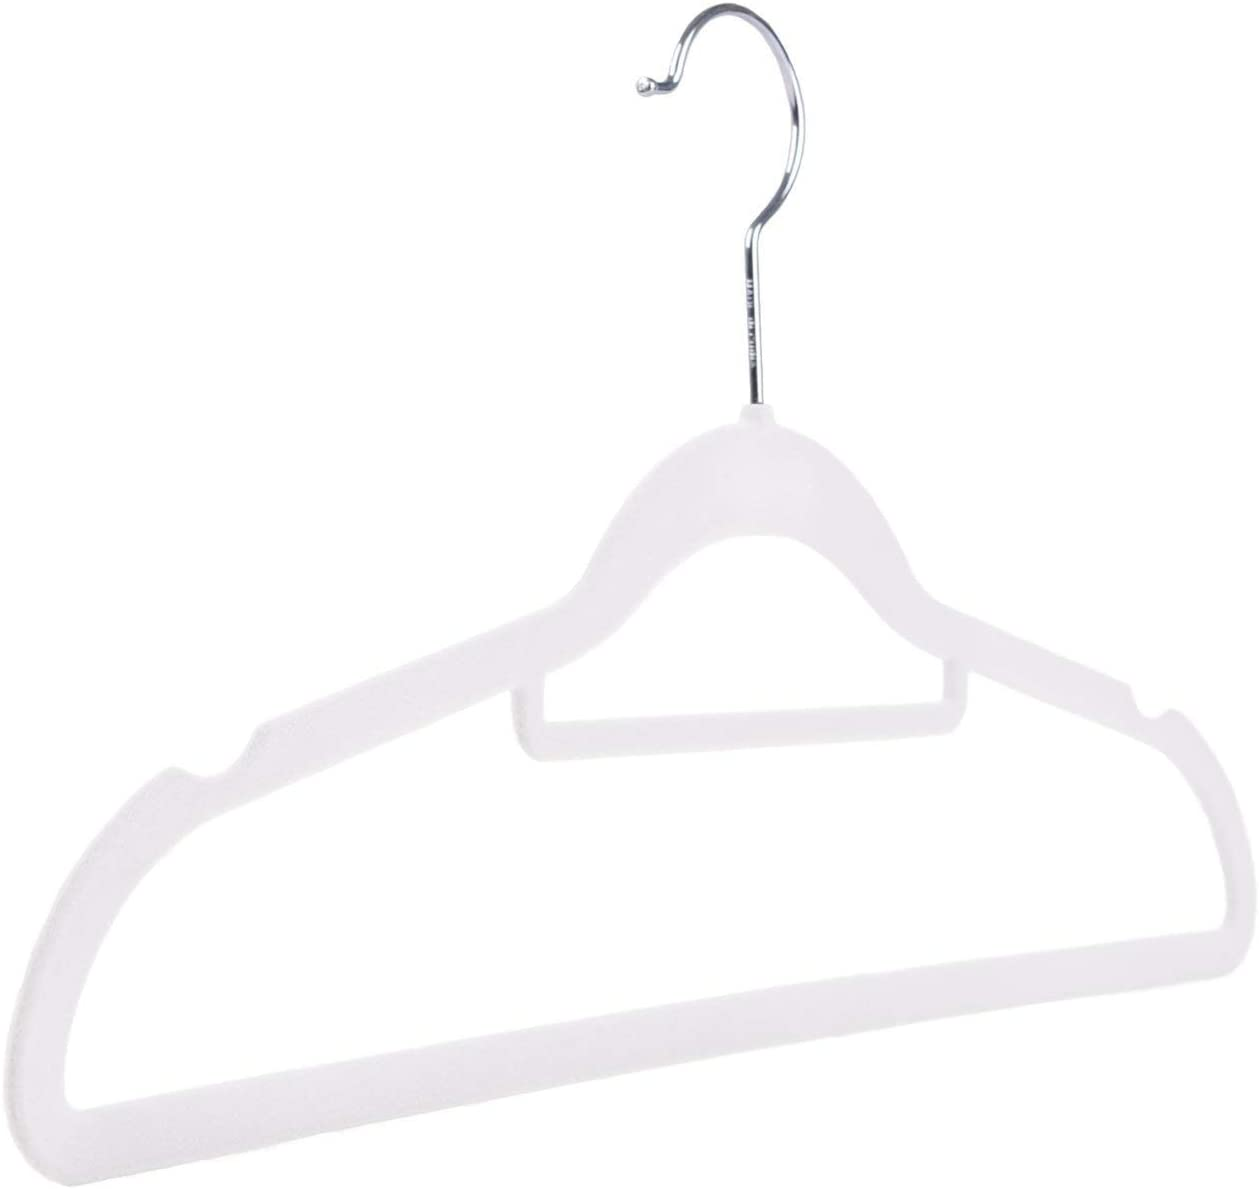 The Hanger Store 30 White Non Slip Flocked Velvet Space Saving Coat Hangers With Trouser Bar Amazon Co Uk Kitchen Home